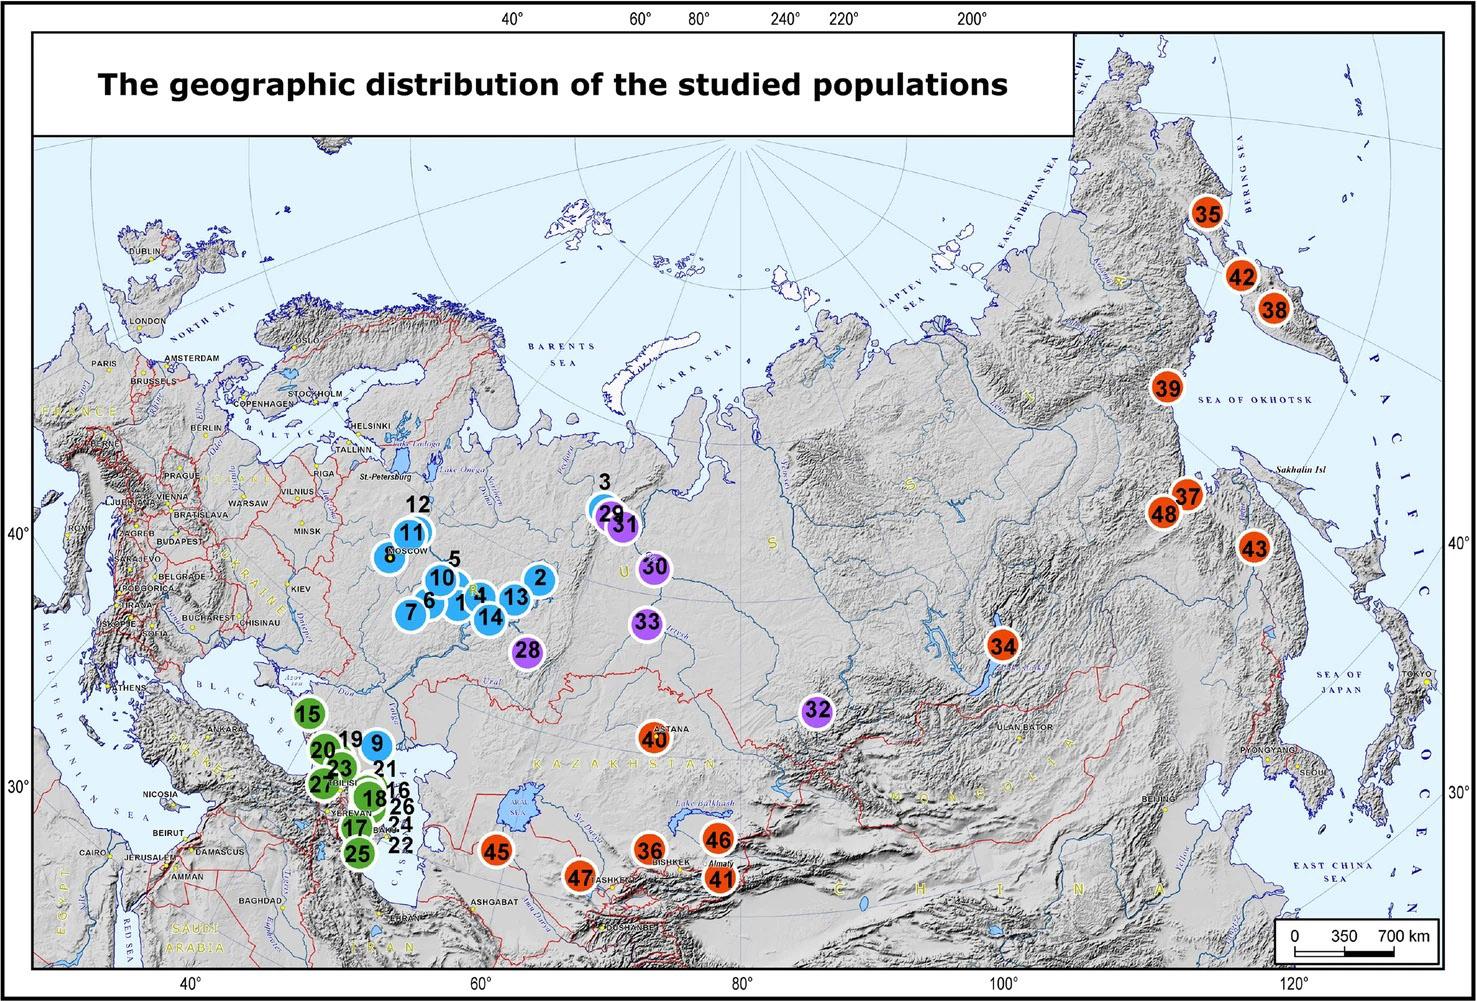 Географическое распределение представленных висследовании популяций